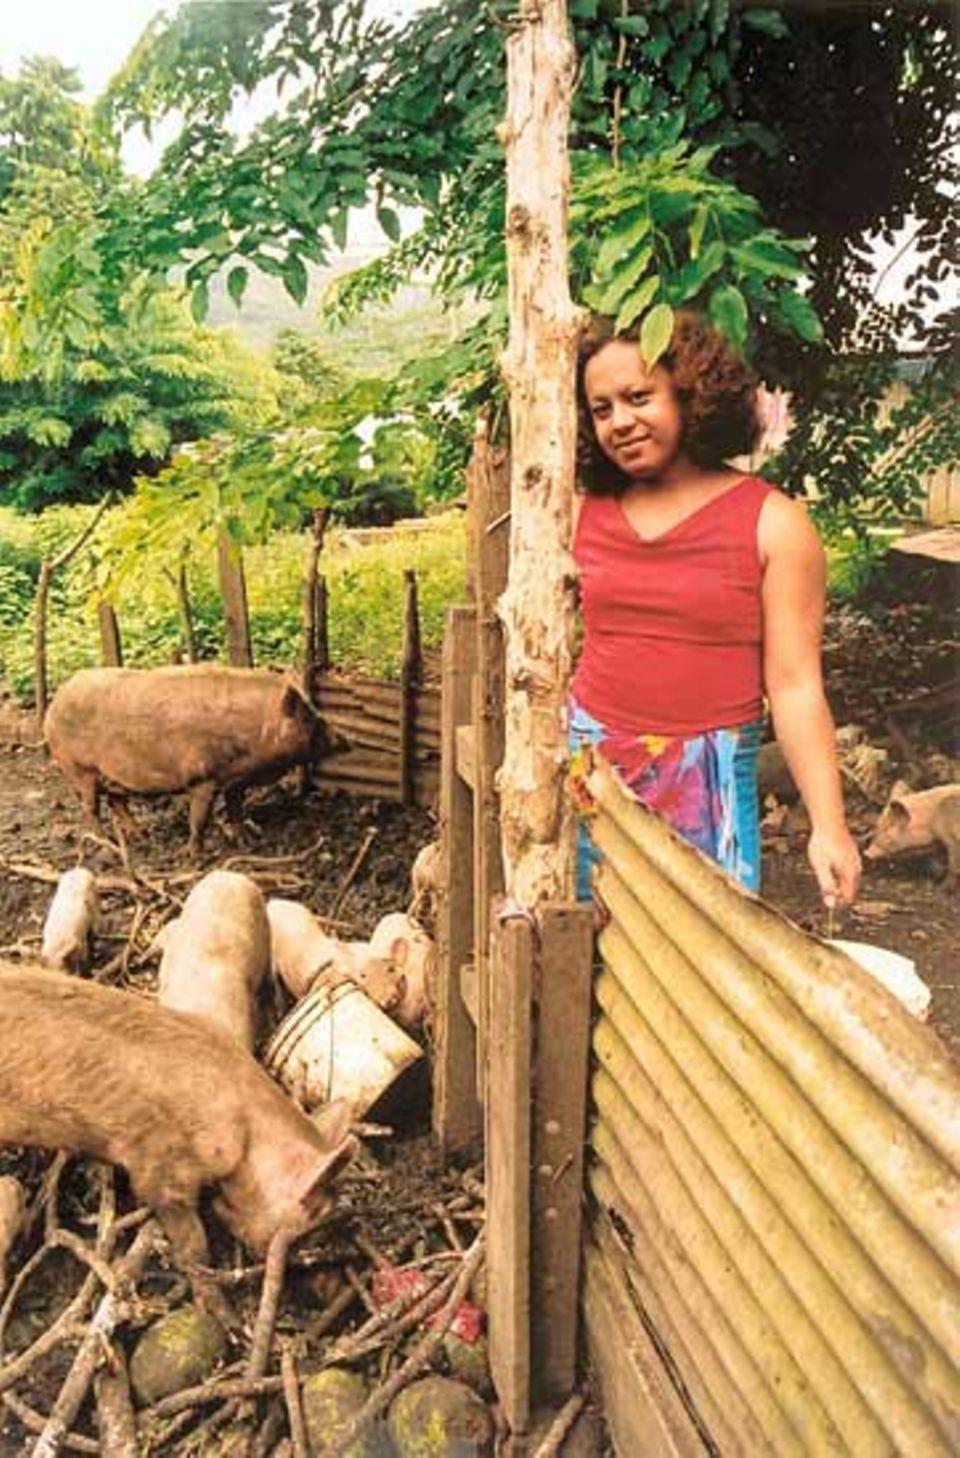 Vester füttert die Schweine. Die weiblichen Männer Samoas sind Teil der traditionellen Kultur und haben eine feste soziale Rolle